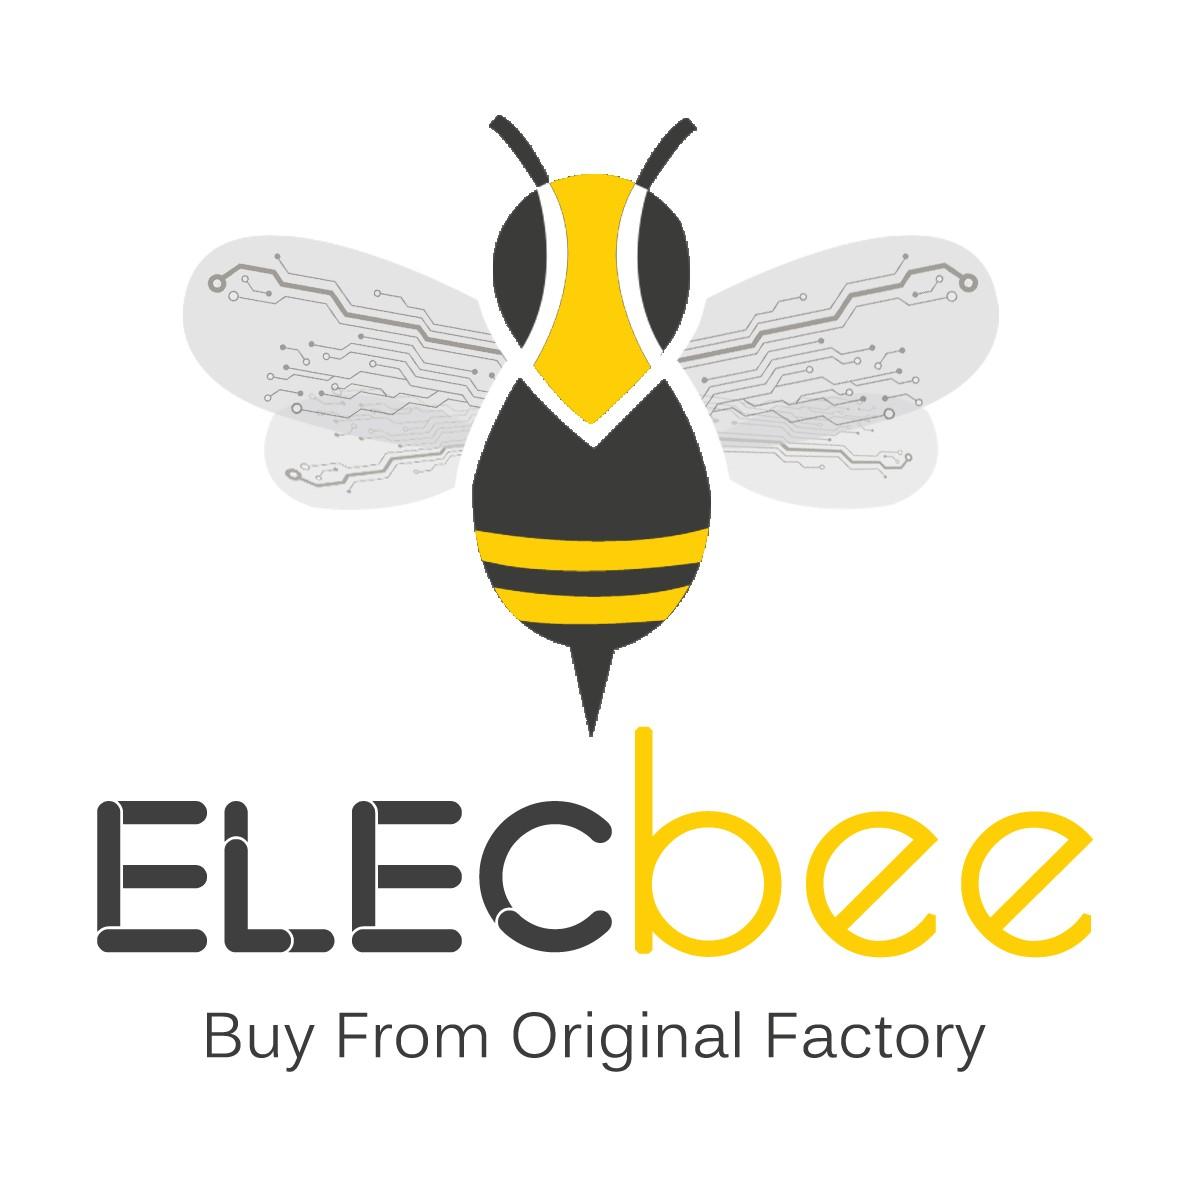 Elecbee